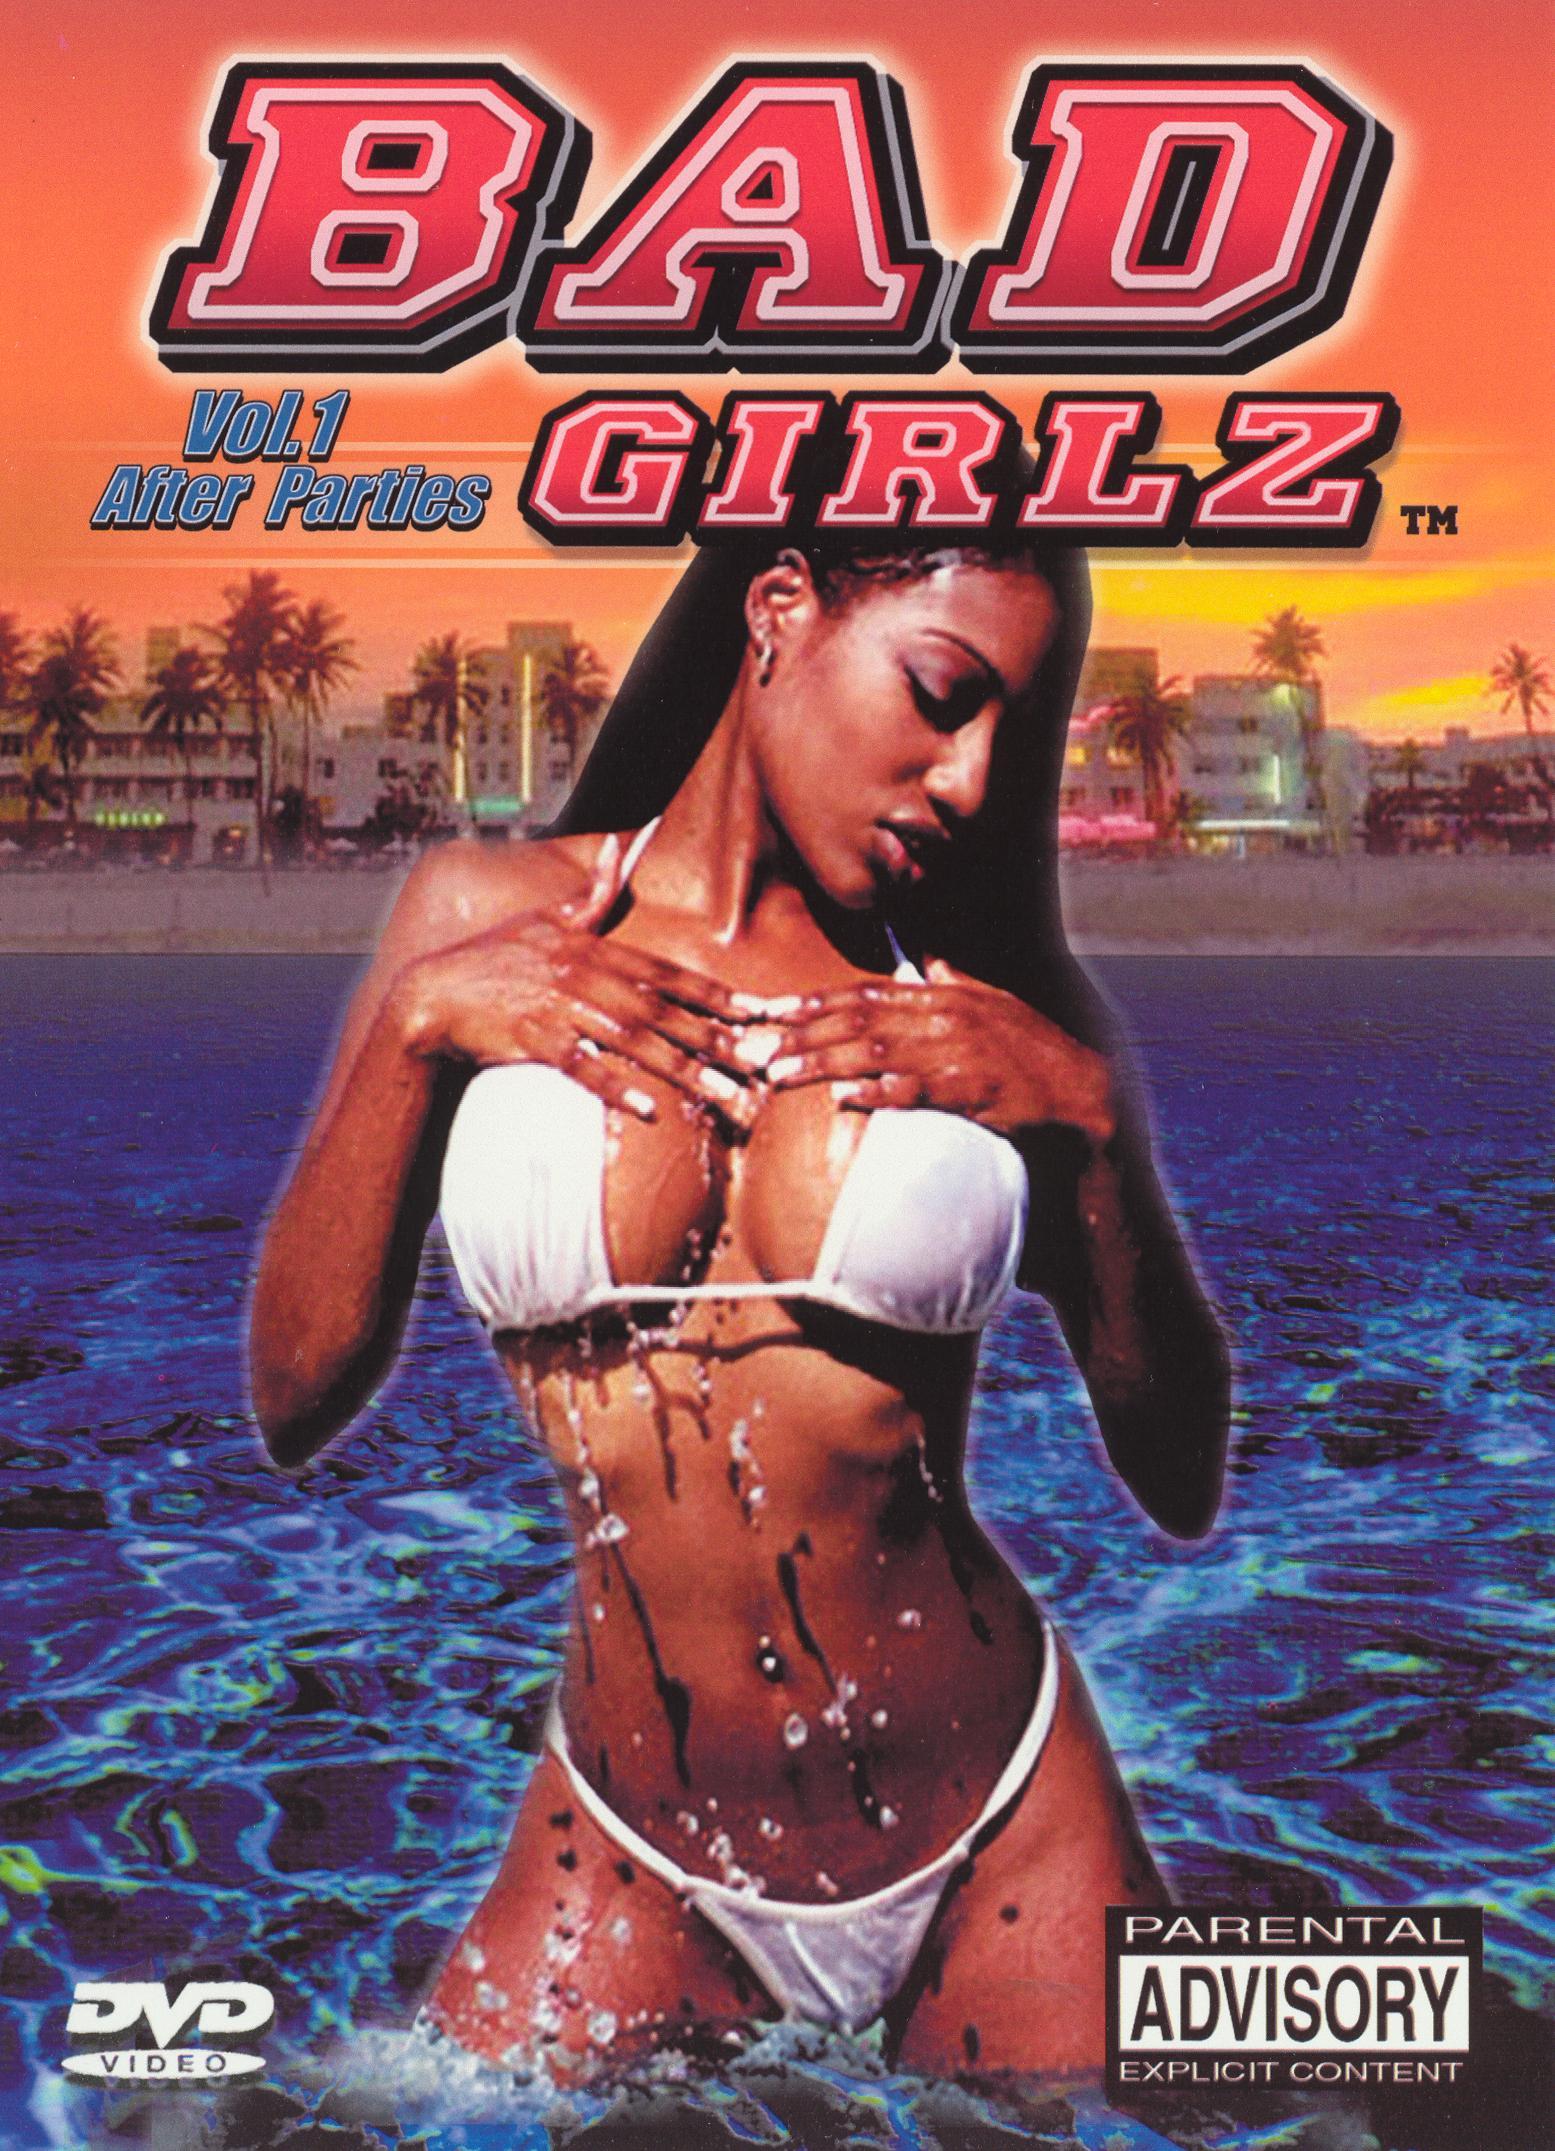 Bad Girlz, Vol. 1: After Parties